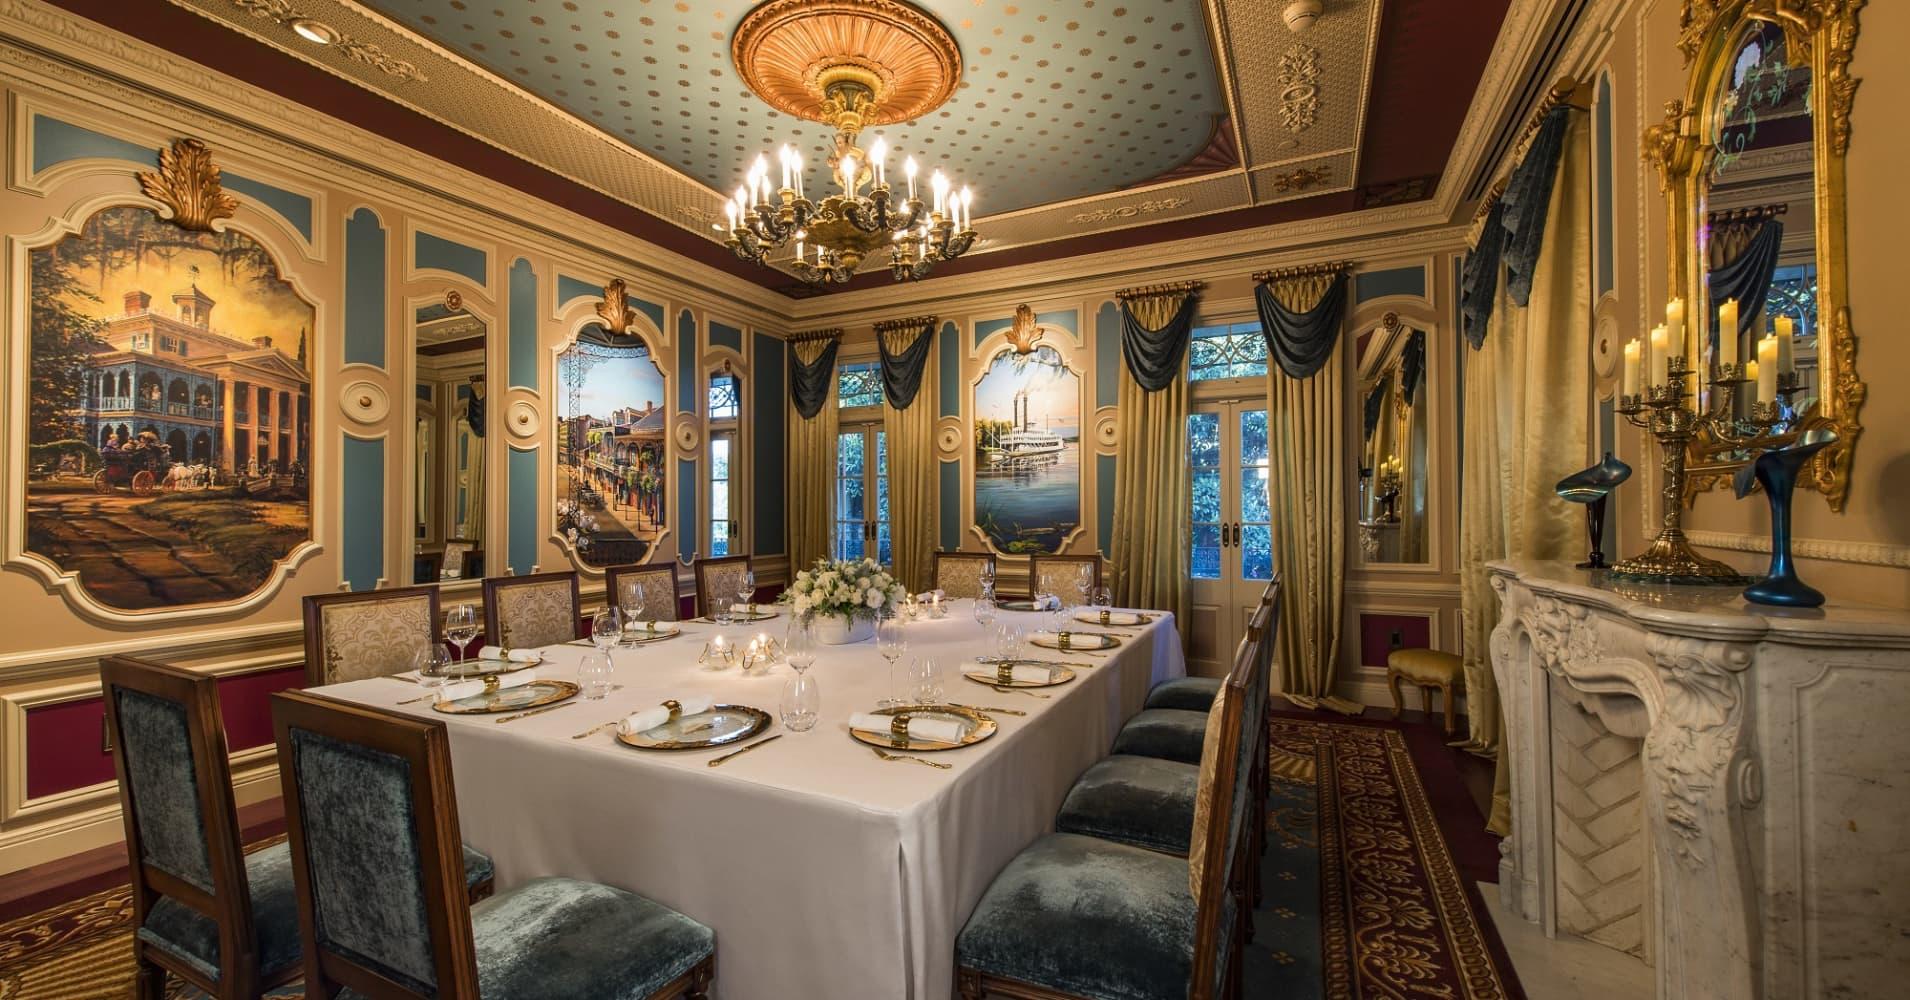 The Dining Room At Disneyu0027s 21 Royal.